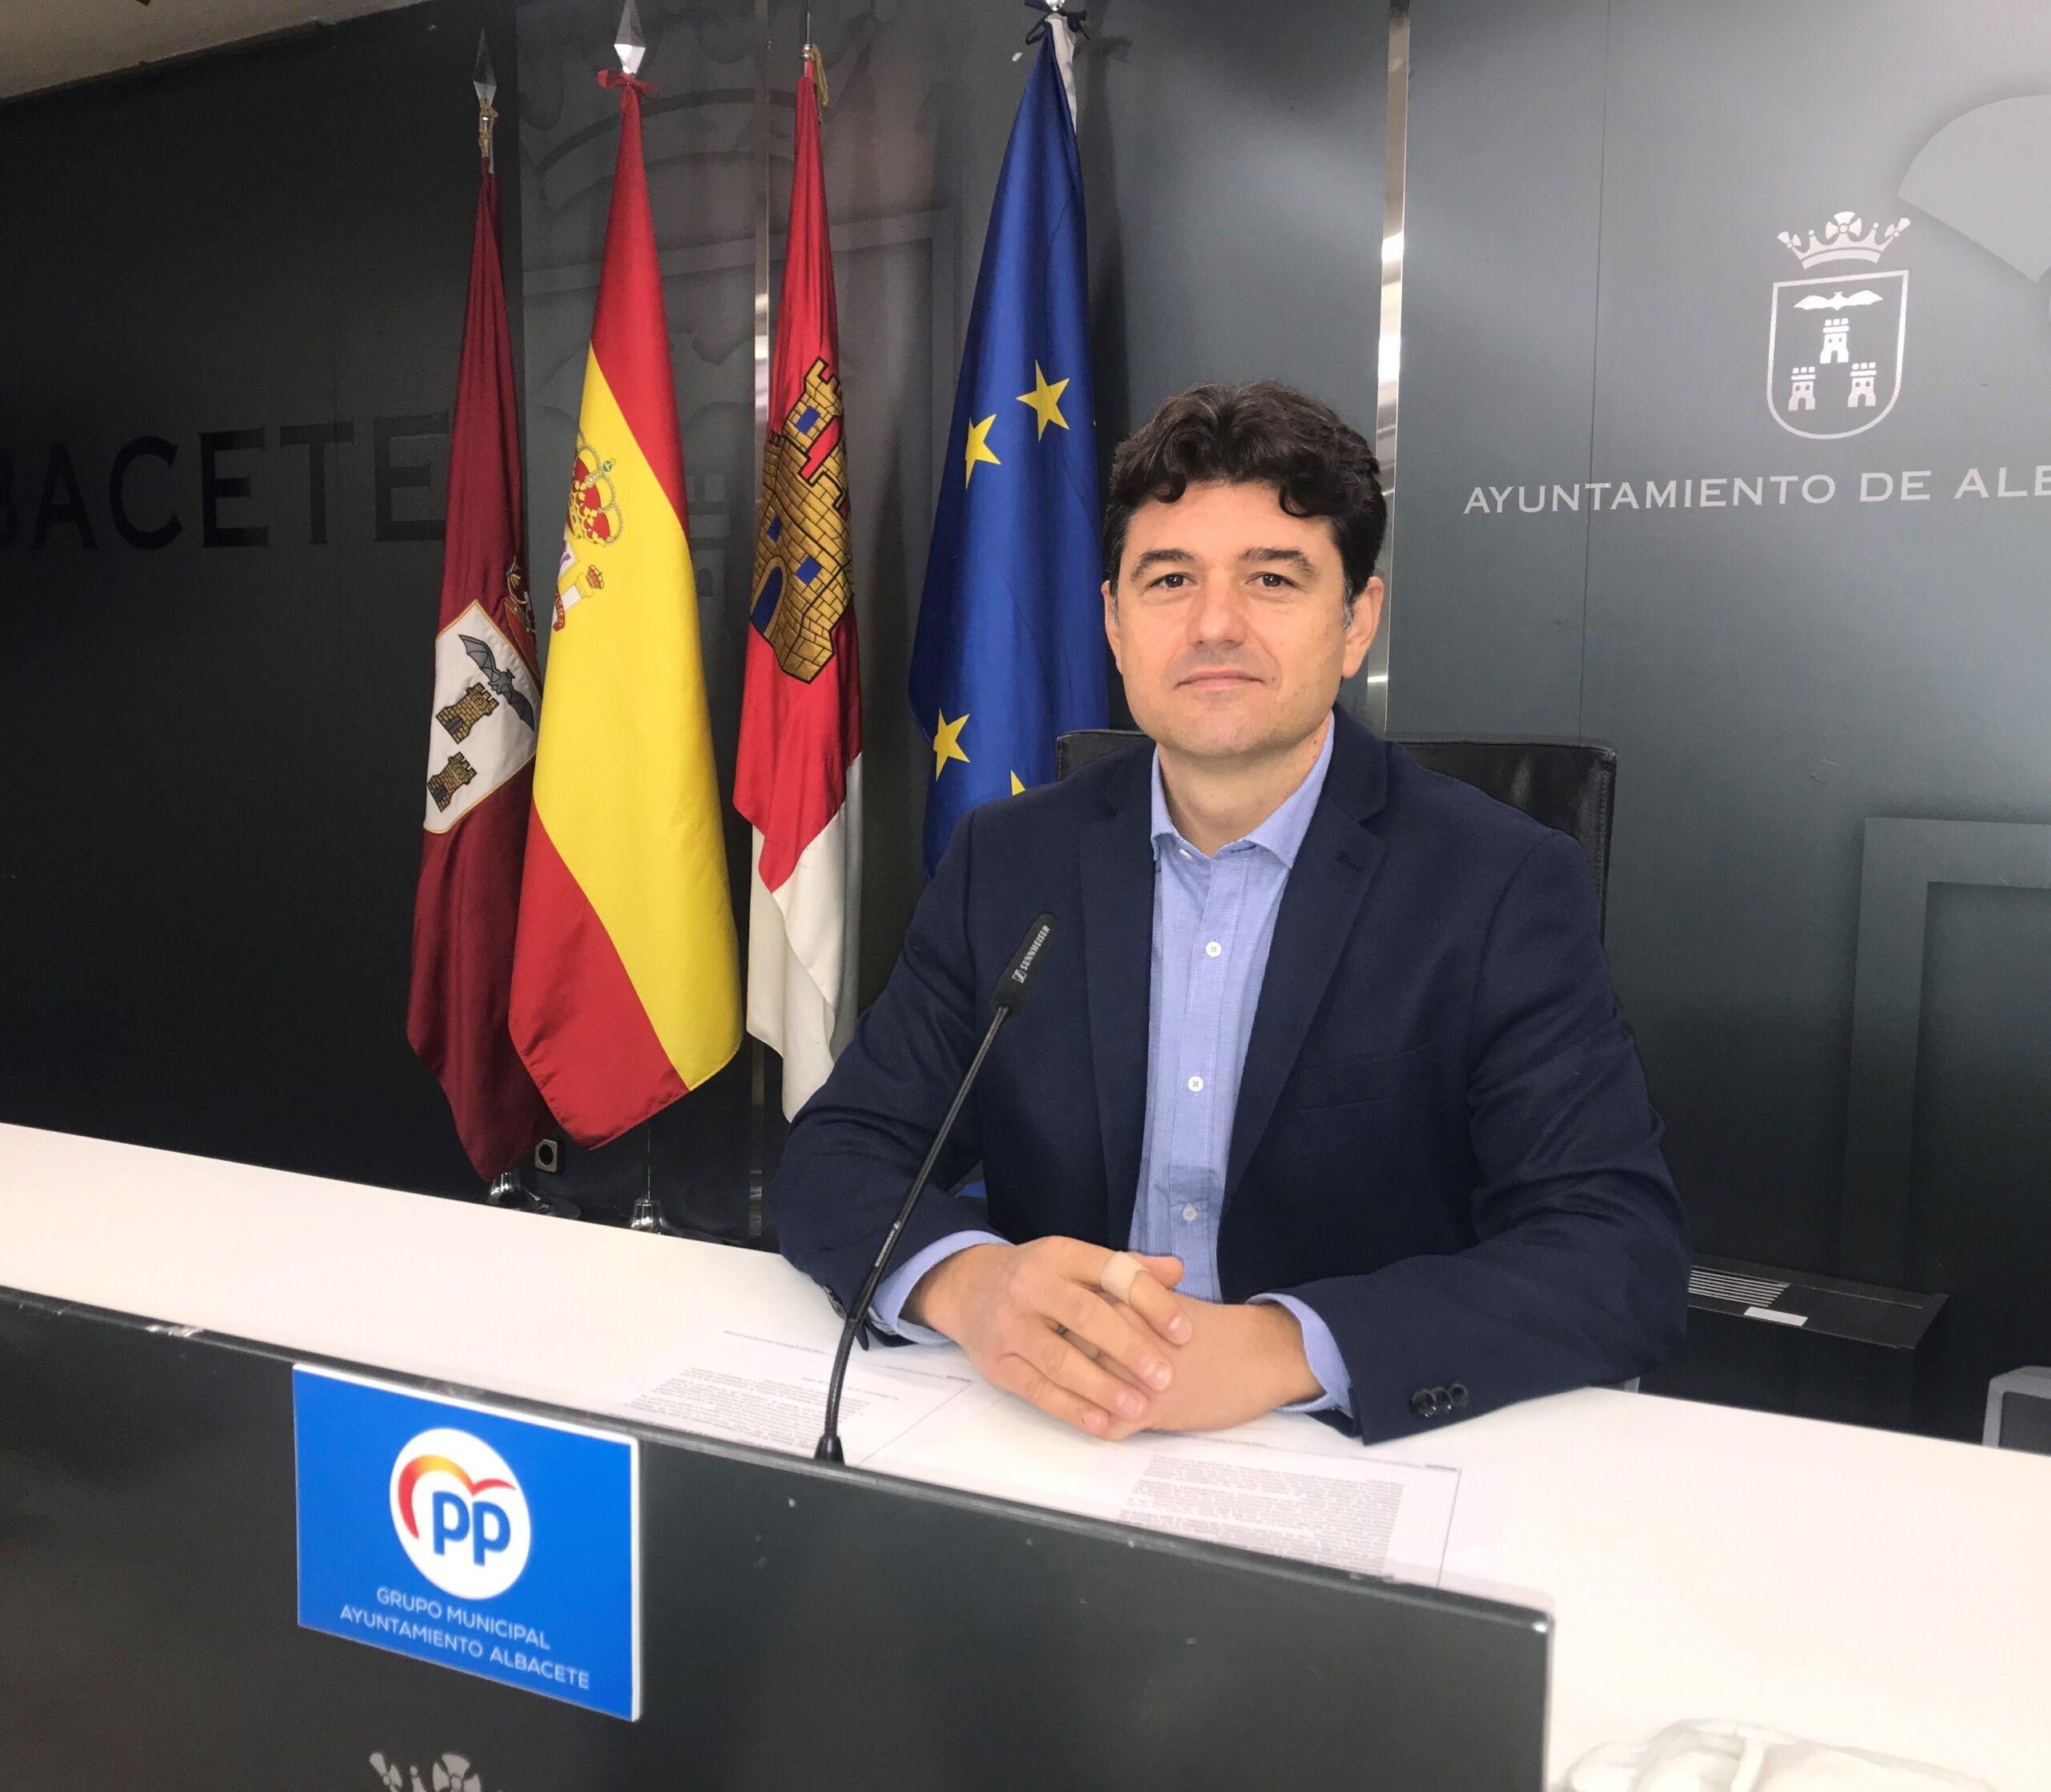 El Grupo Popular solicita al Ayuntamiento de Albacete la creación inmediata de un grupo de trabajo para modificar la actual ordenanza de terrazas con el fin de beneficiar a los hosteleros